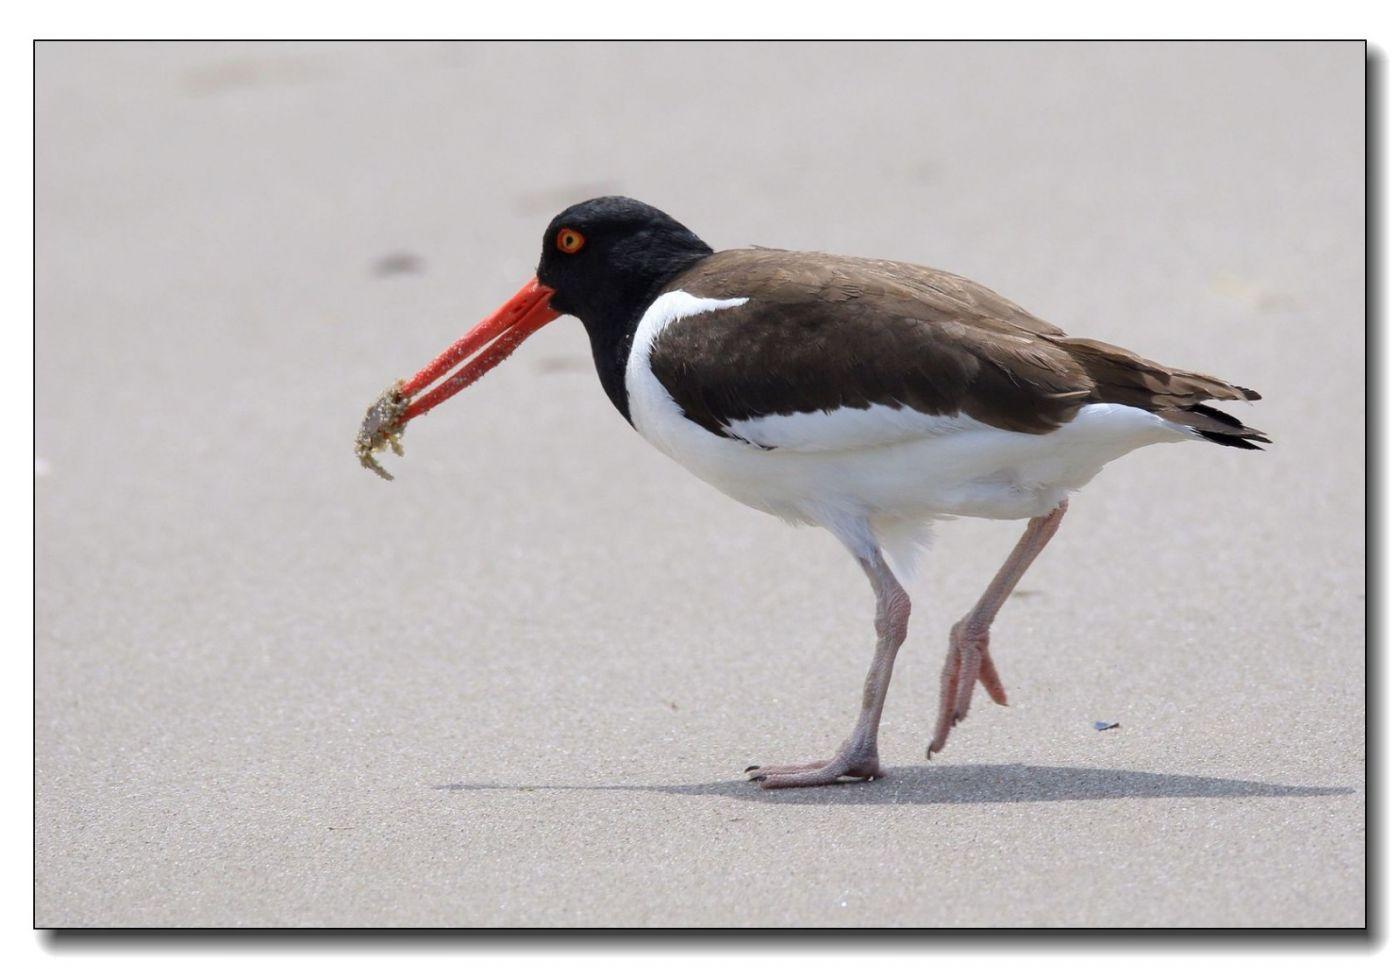 洛克威海滩拍鸟—励鹬_图1-3